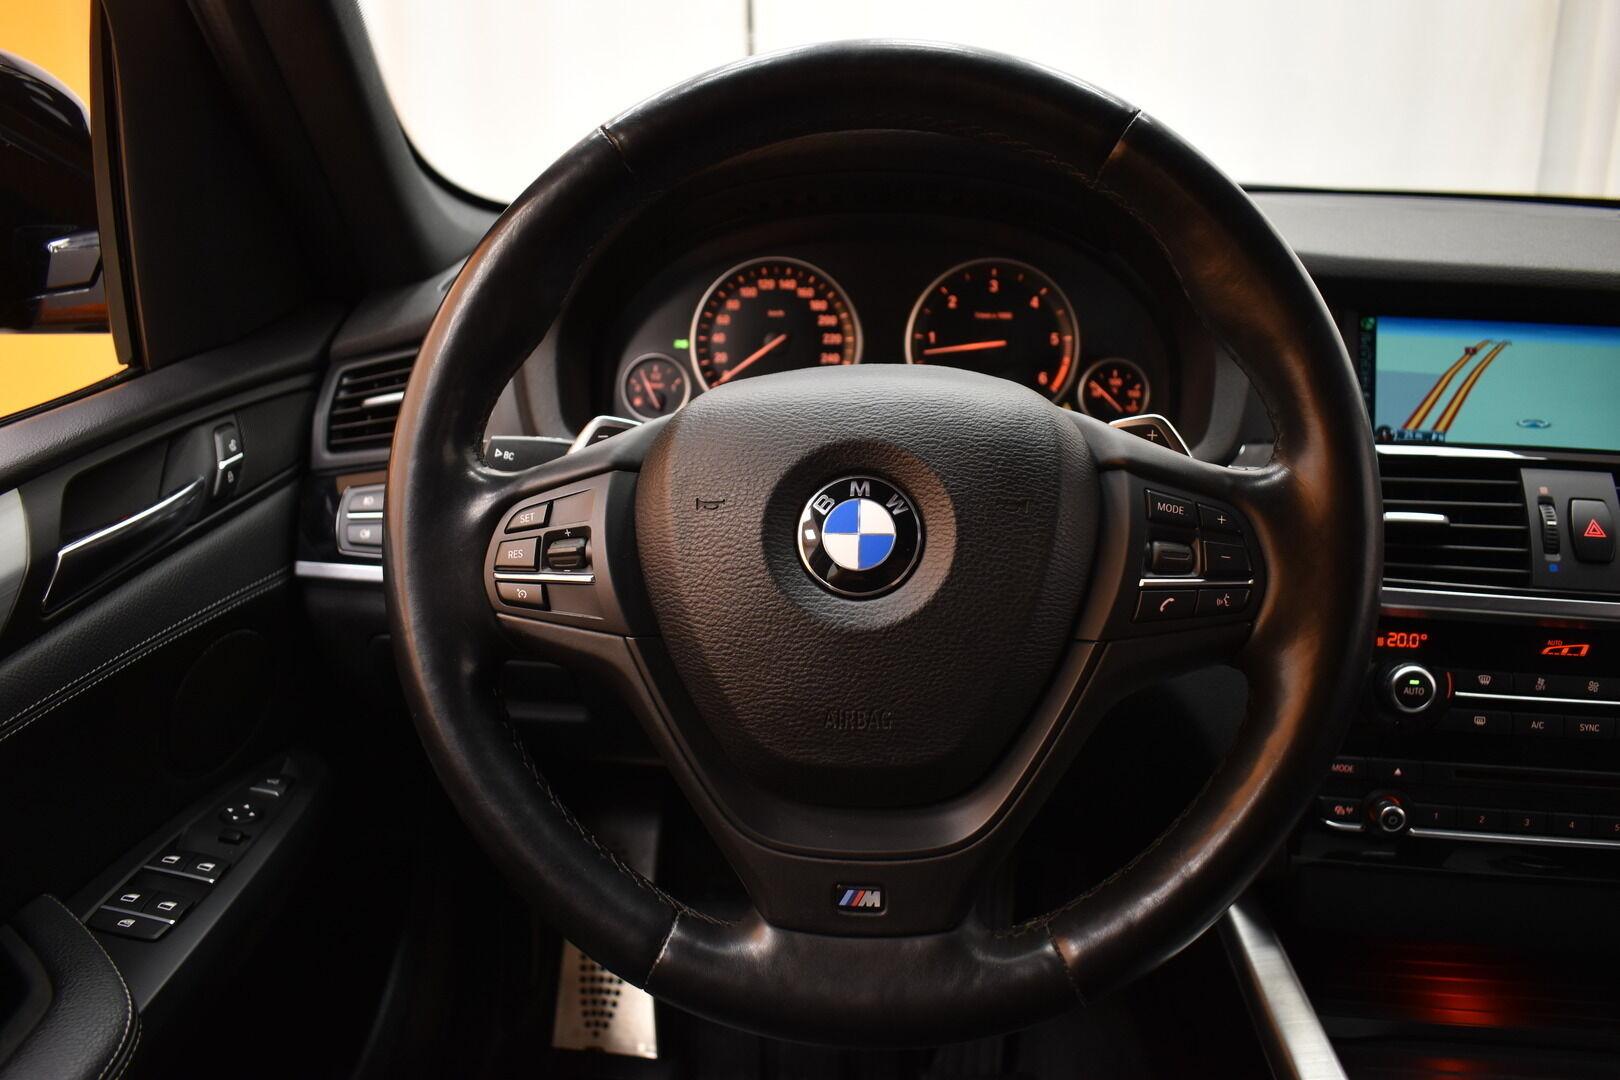 Musta Maastoauto, BMW X3 – OUL-28083, kuva 30